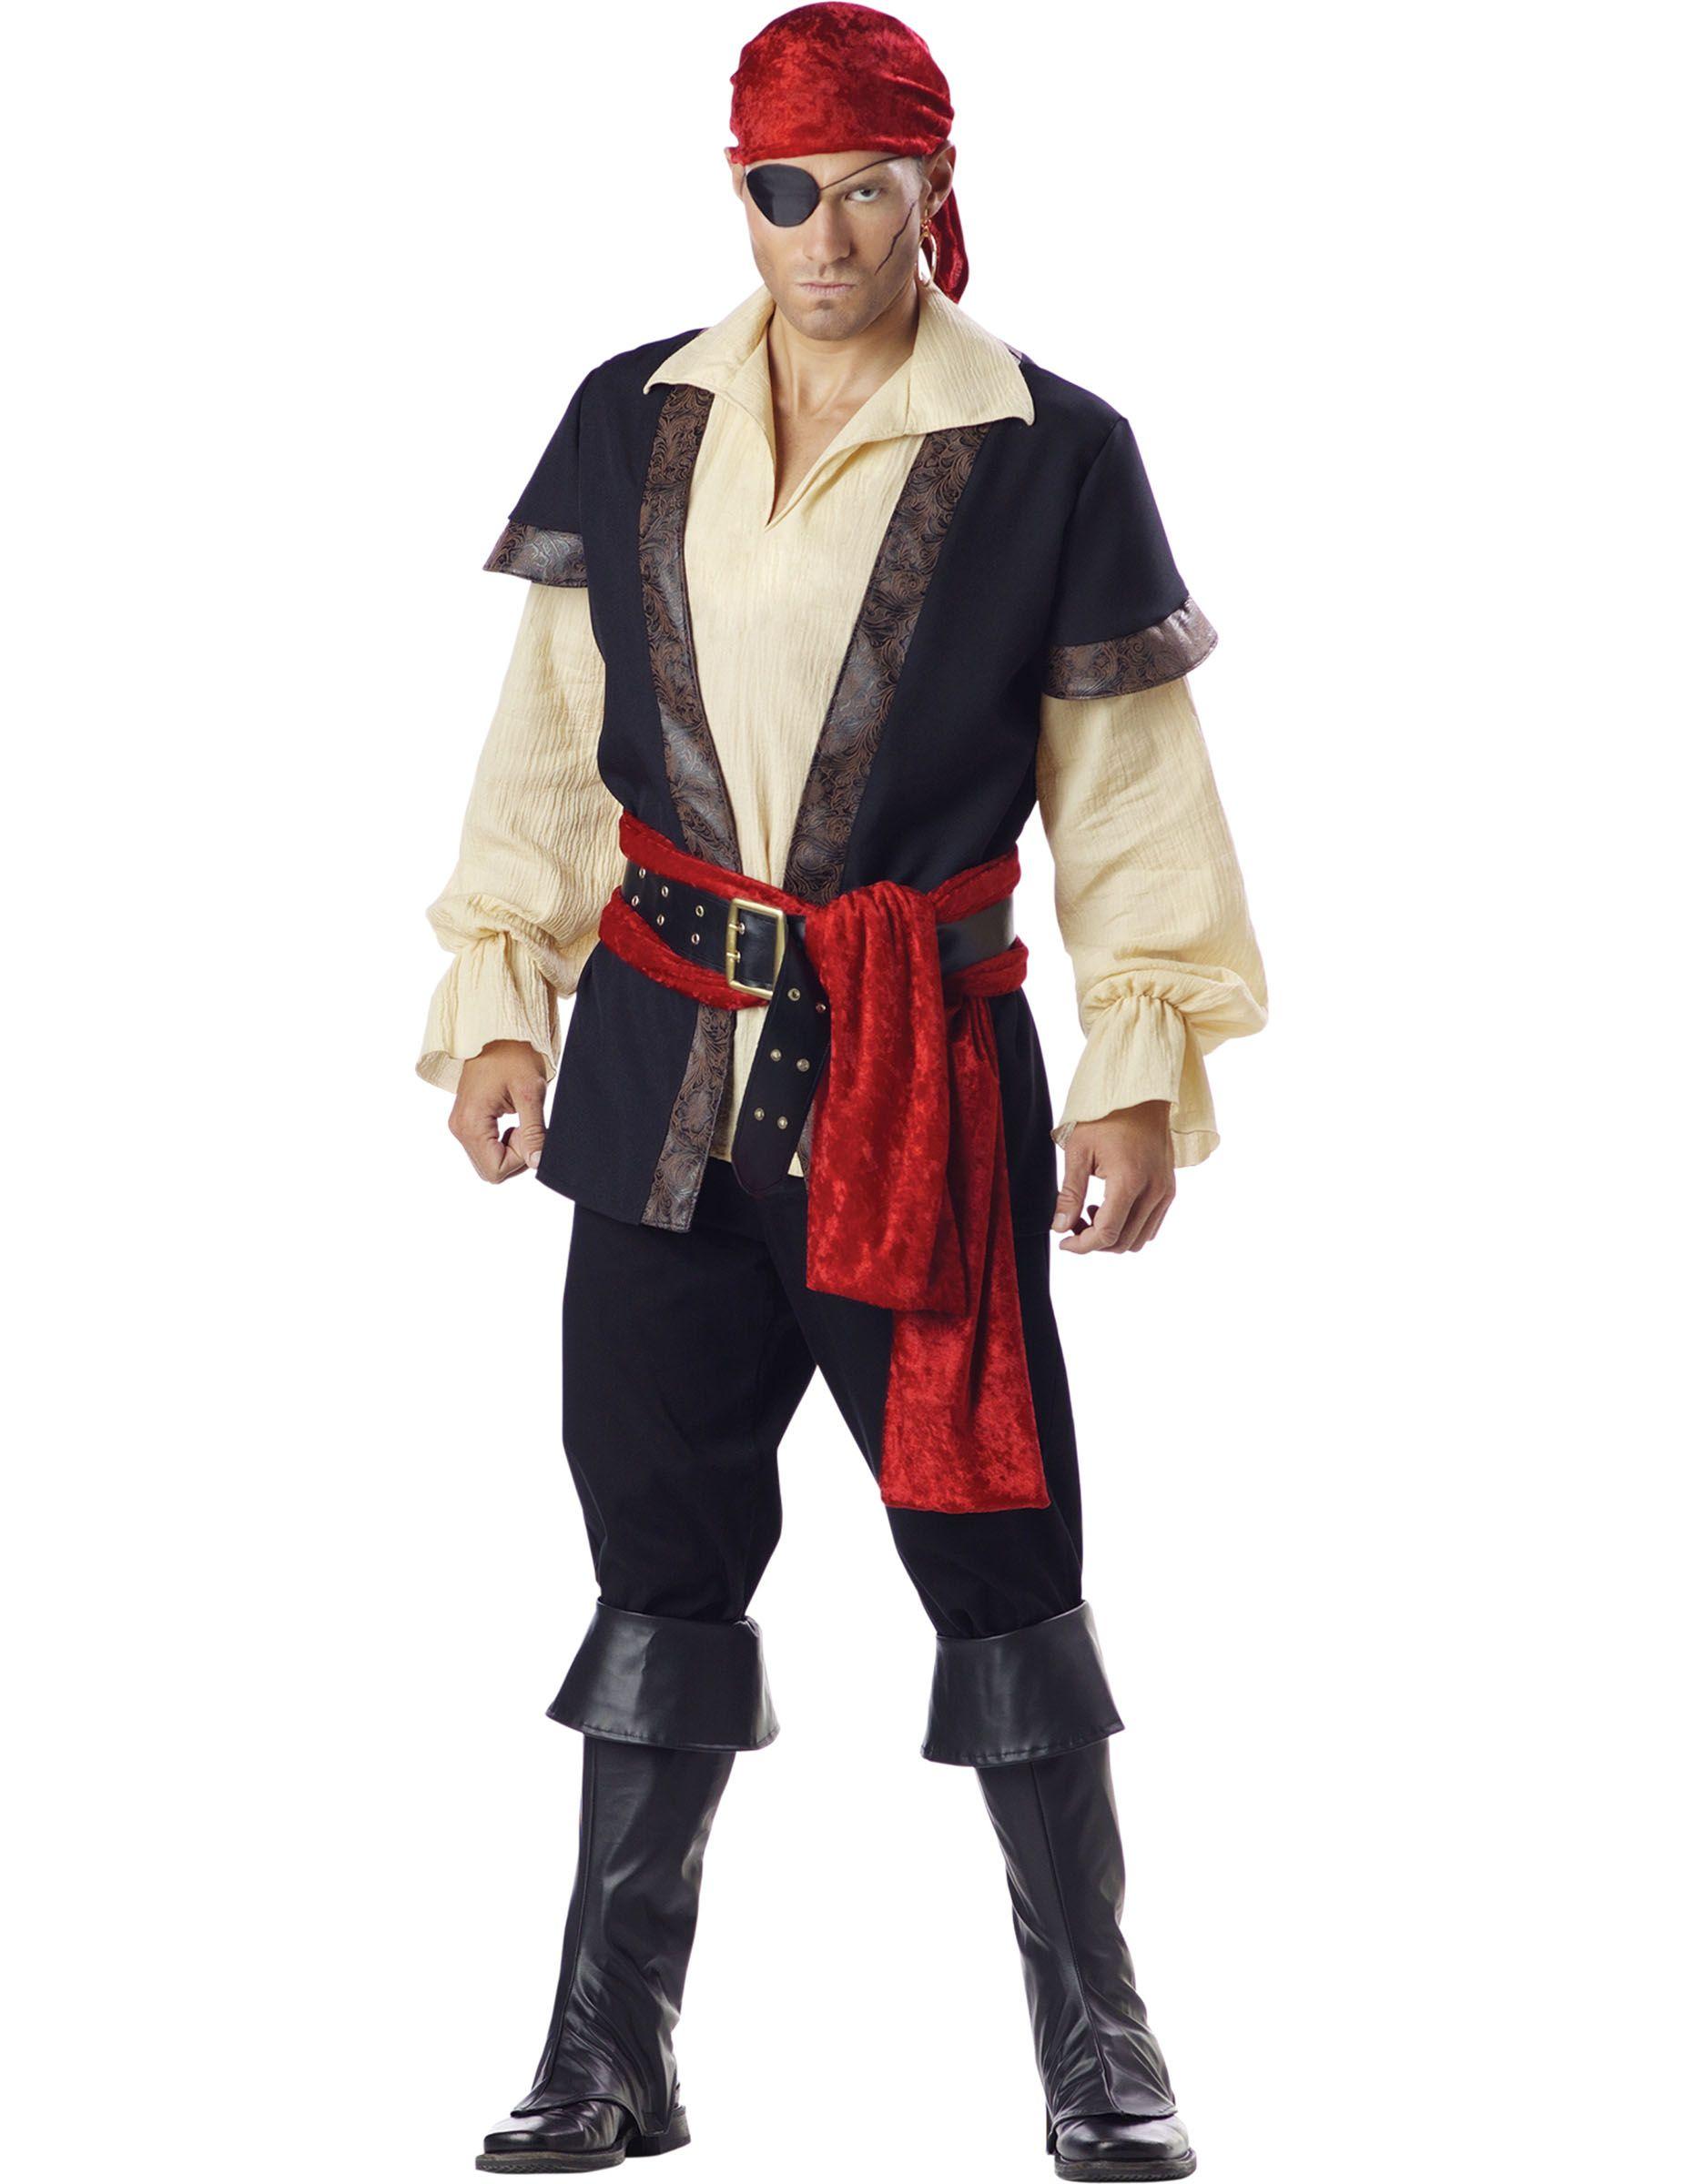 Disfraz De Pirata Hombre Premium Este Disfraz De Pirata Para Hombre Incluye Camiseta Cinturón P Disfraz De Pirata Disfraz De Pirata Mujer Disfraces Simples